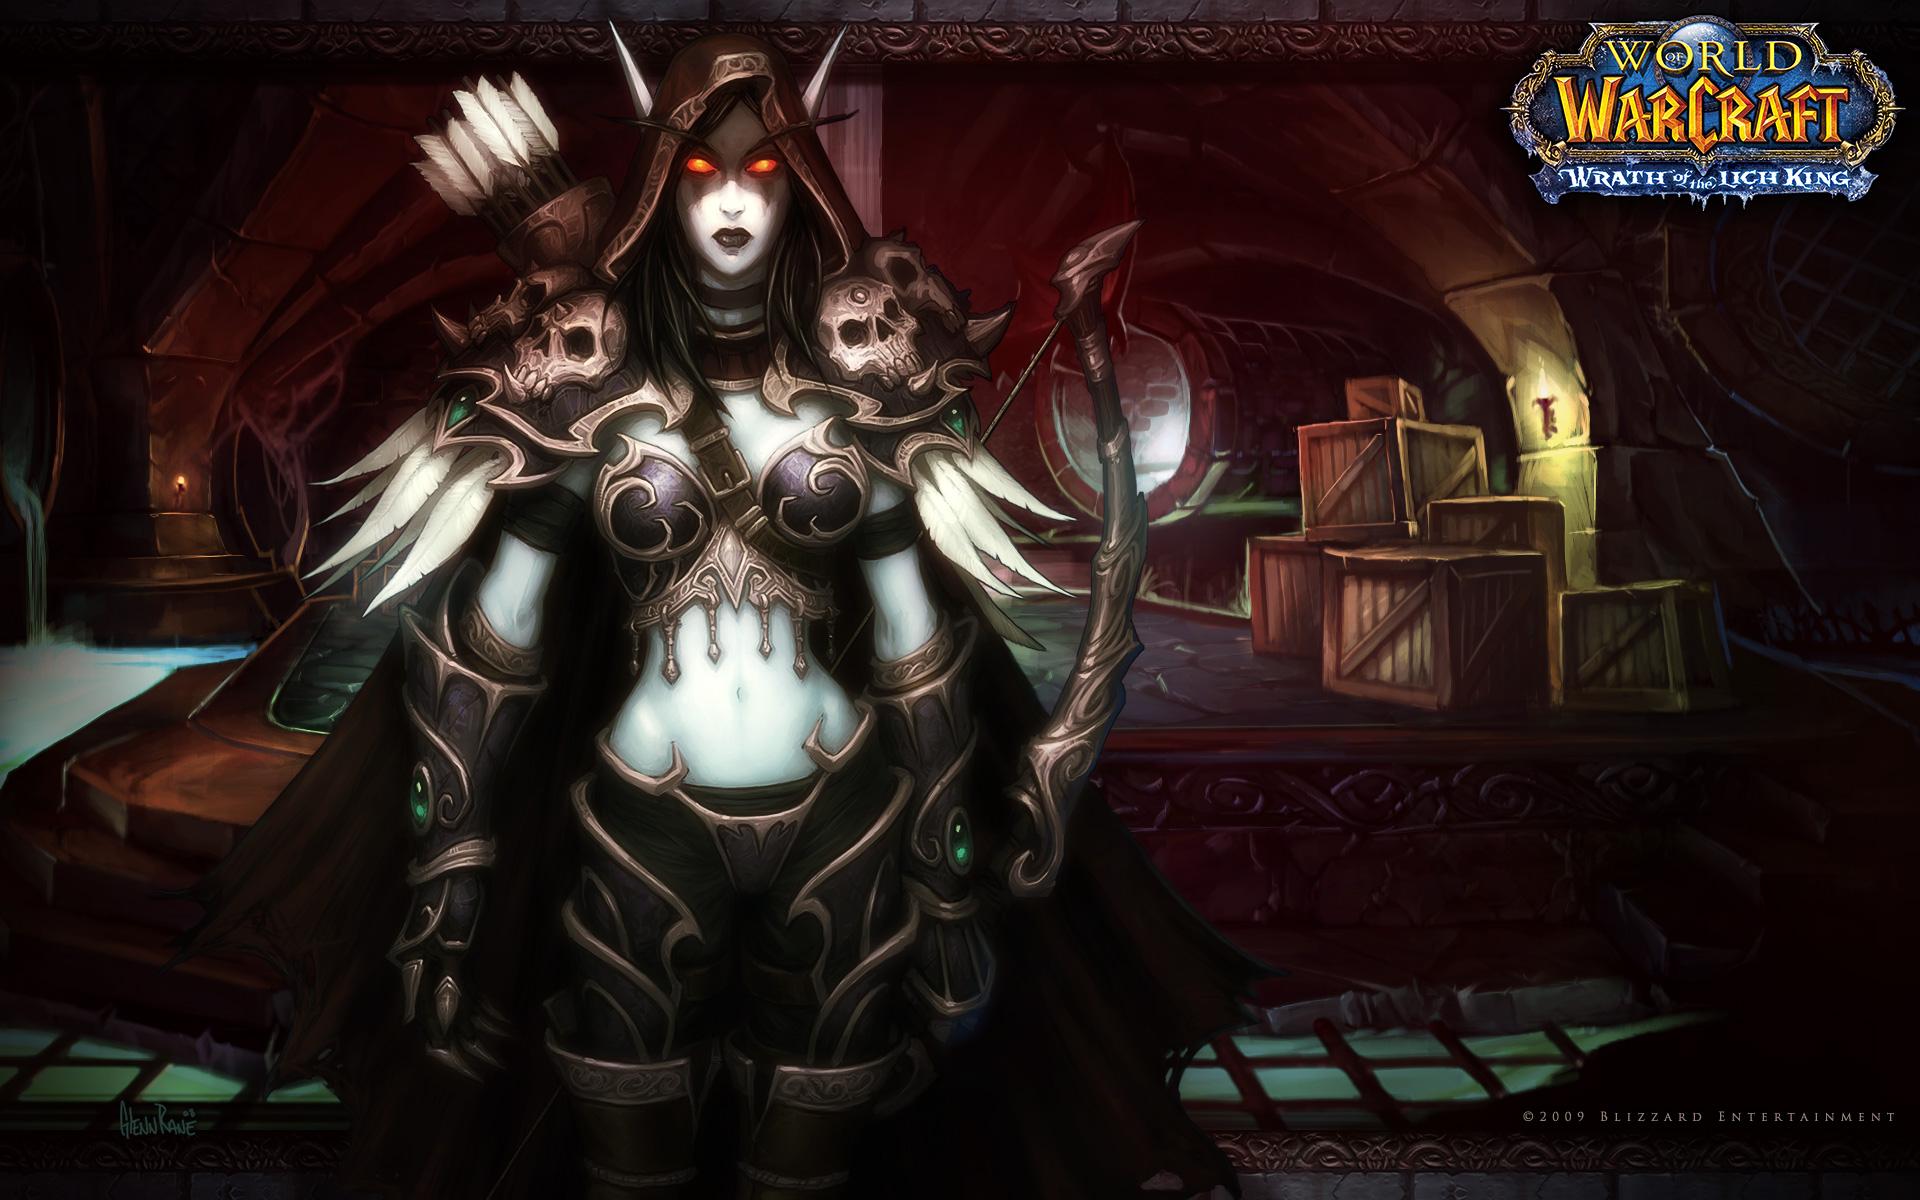 El mundo de Warcraft - 1920x1200